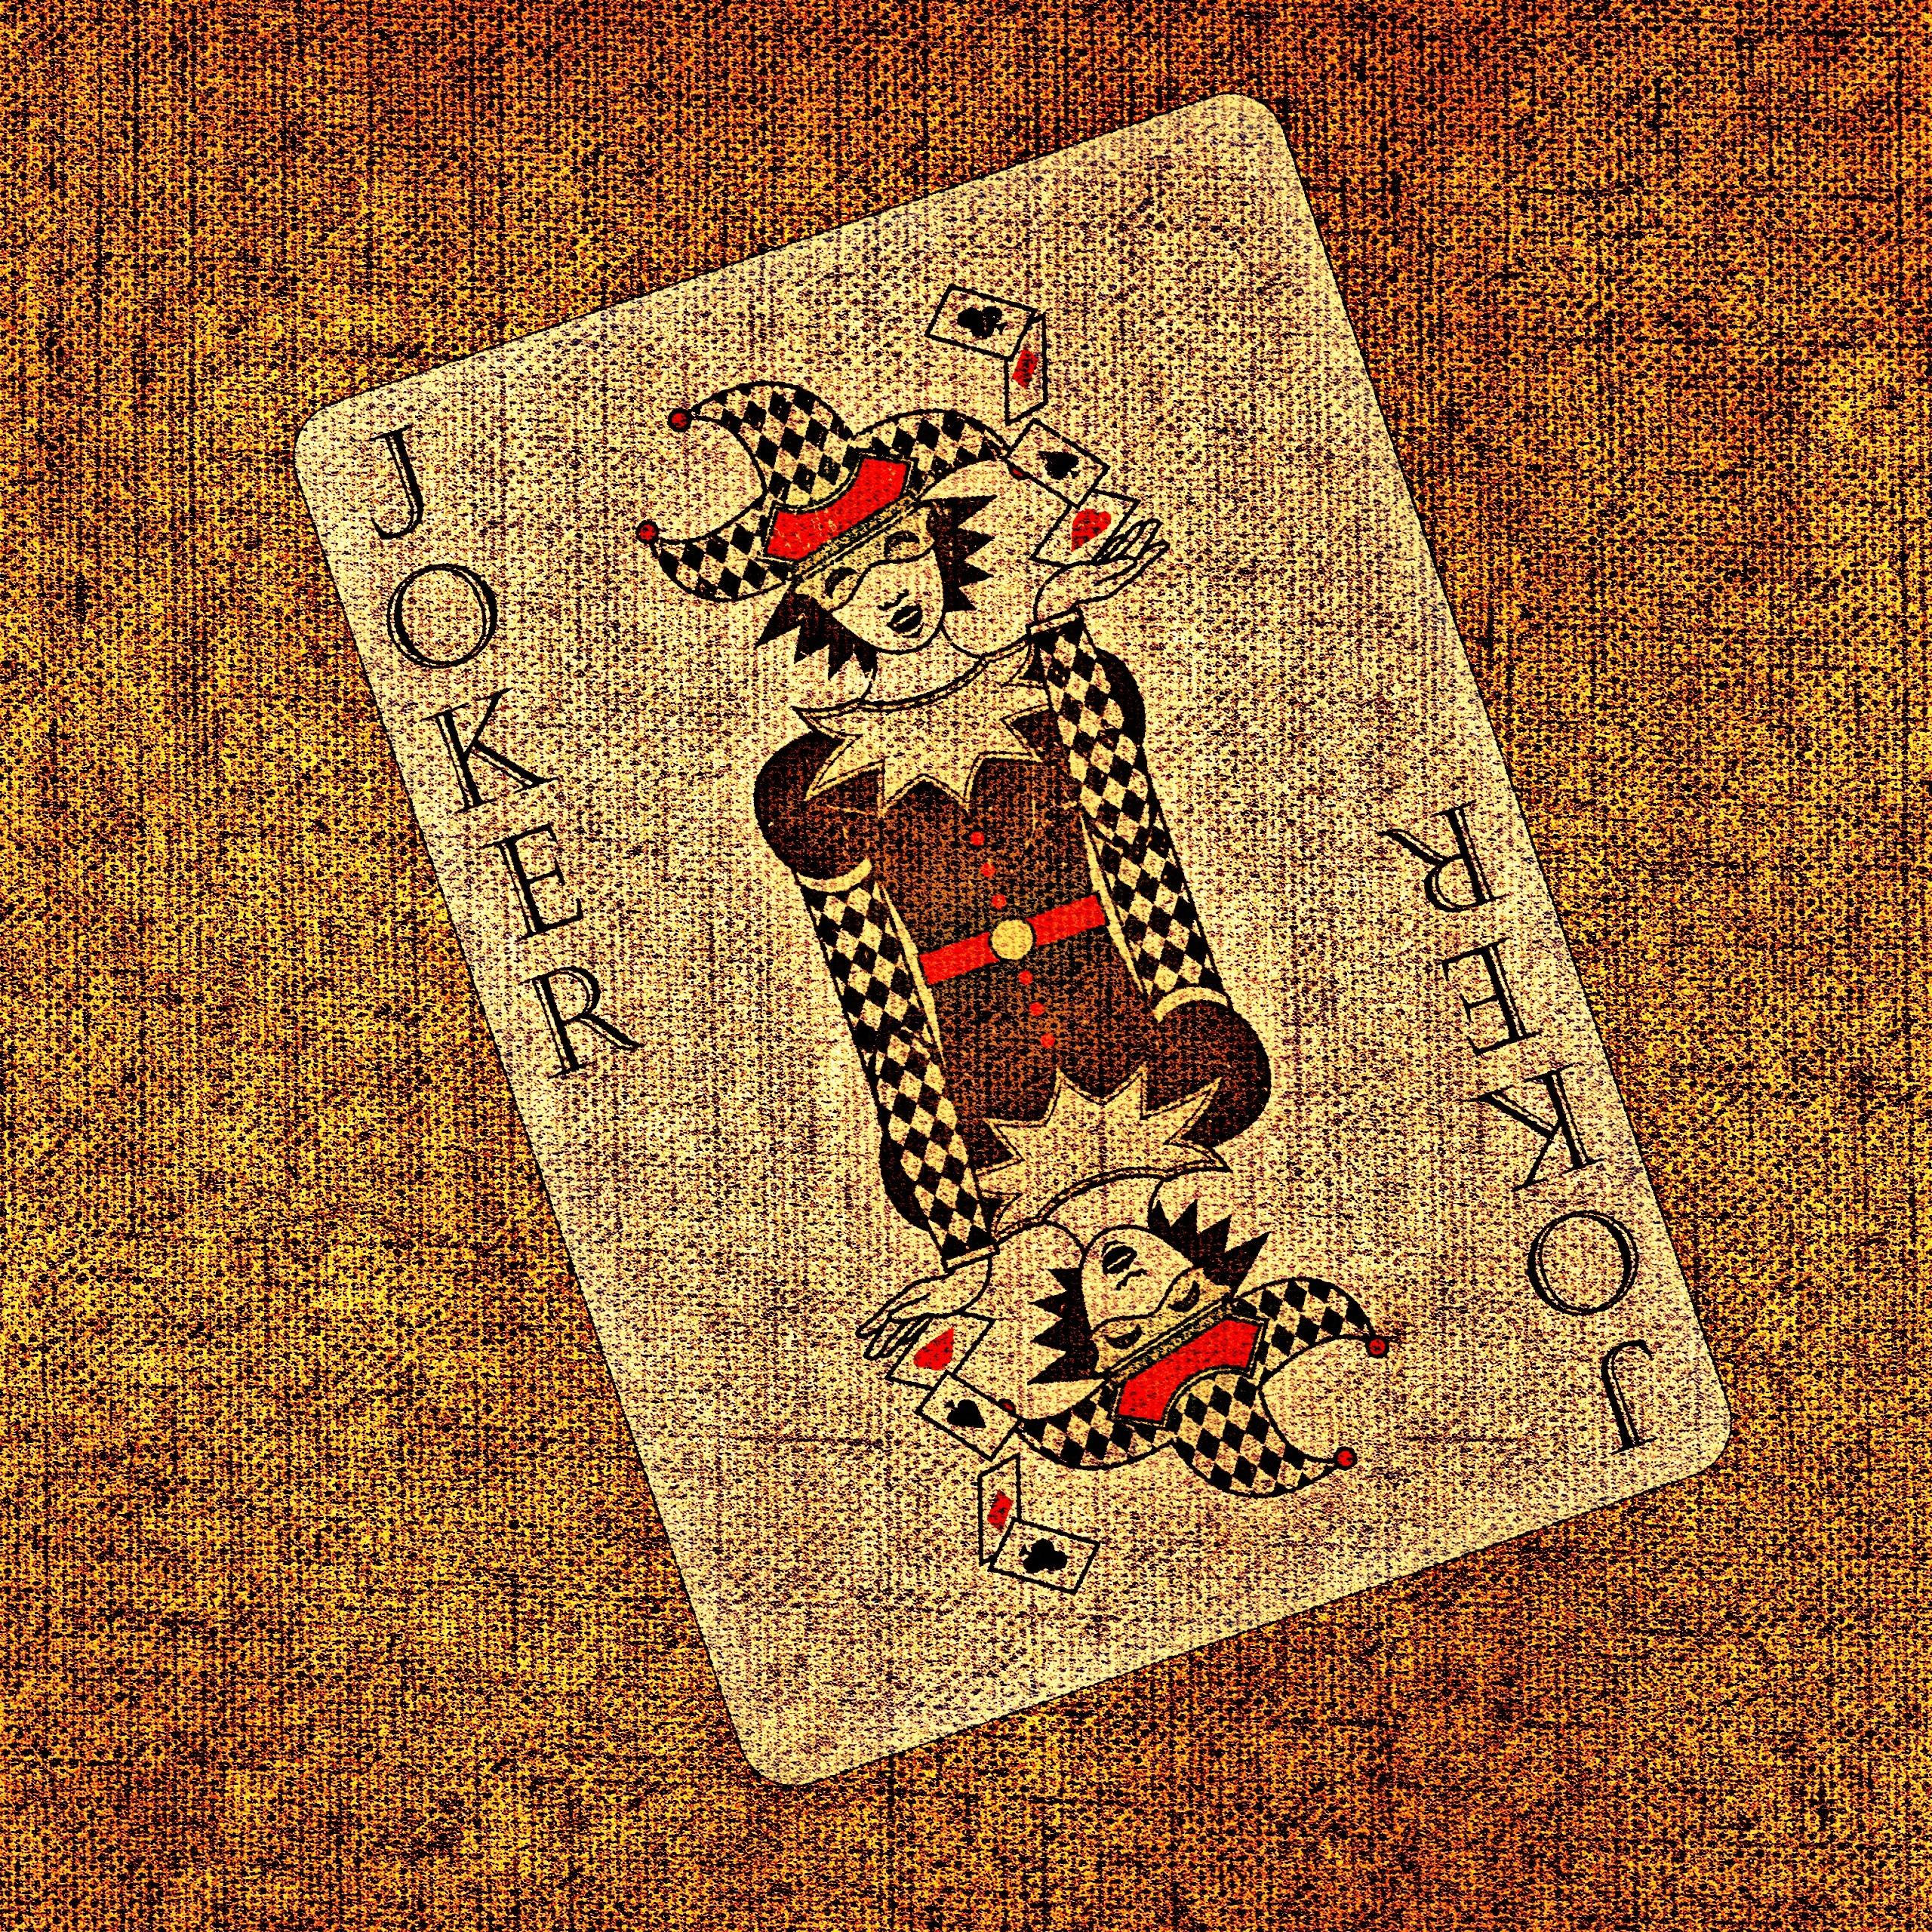 Artikel-Joker | weitere Produkte zu Deiner laufenden Bestellung hinzufügen